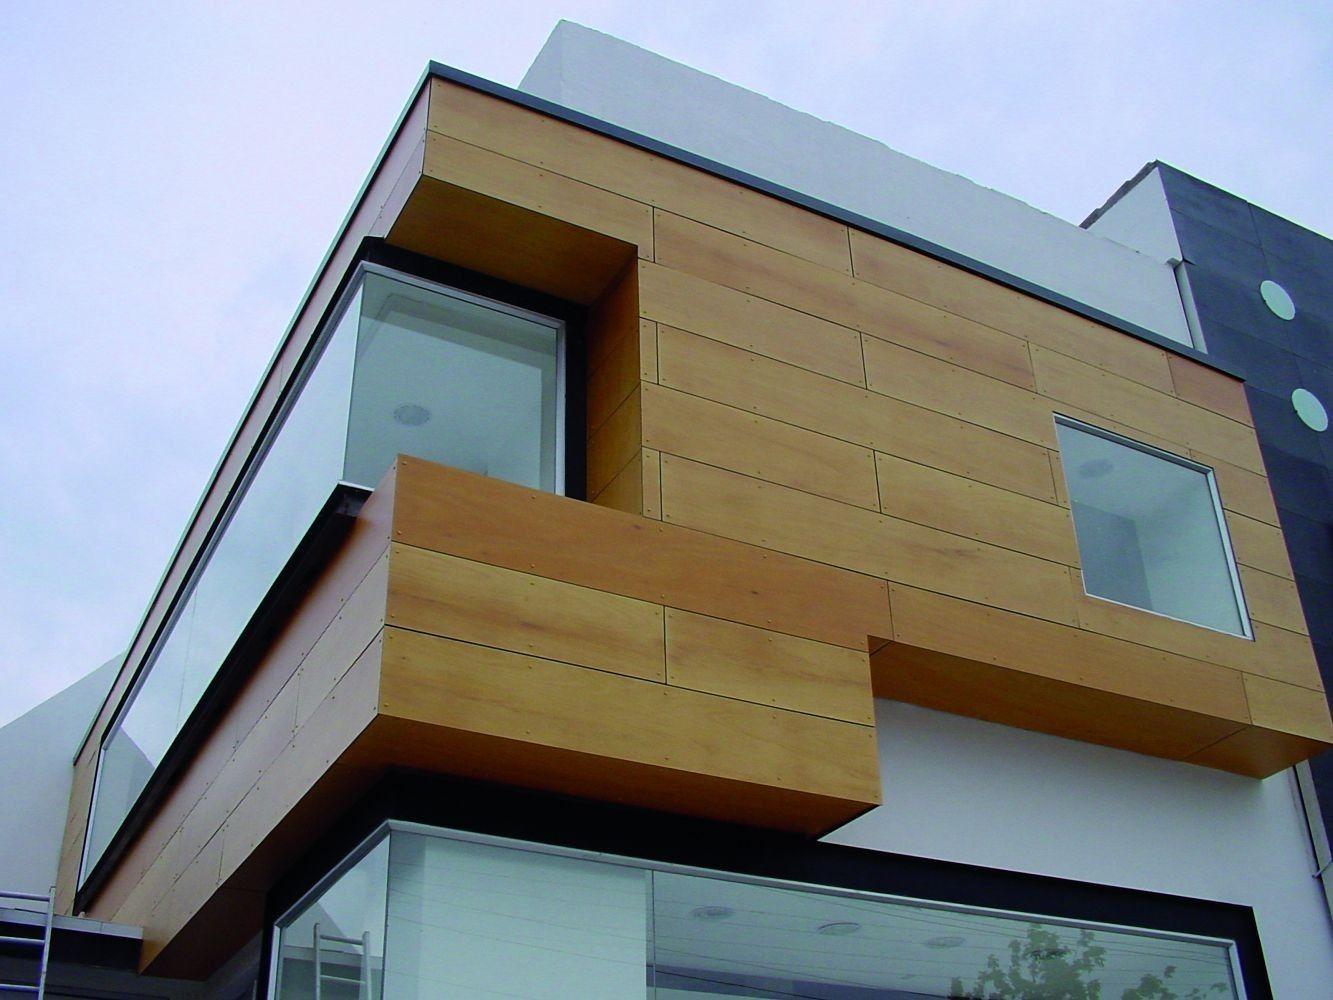 Rivestimento Casa In Legno decorazione della facciata in legno (37 foto): rivestimento